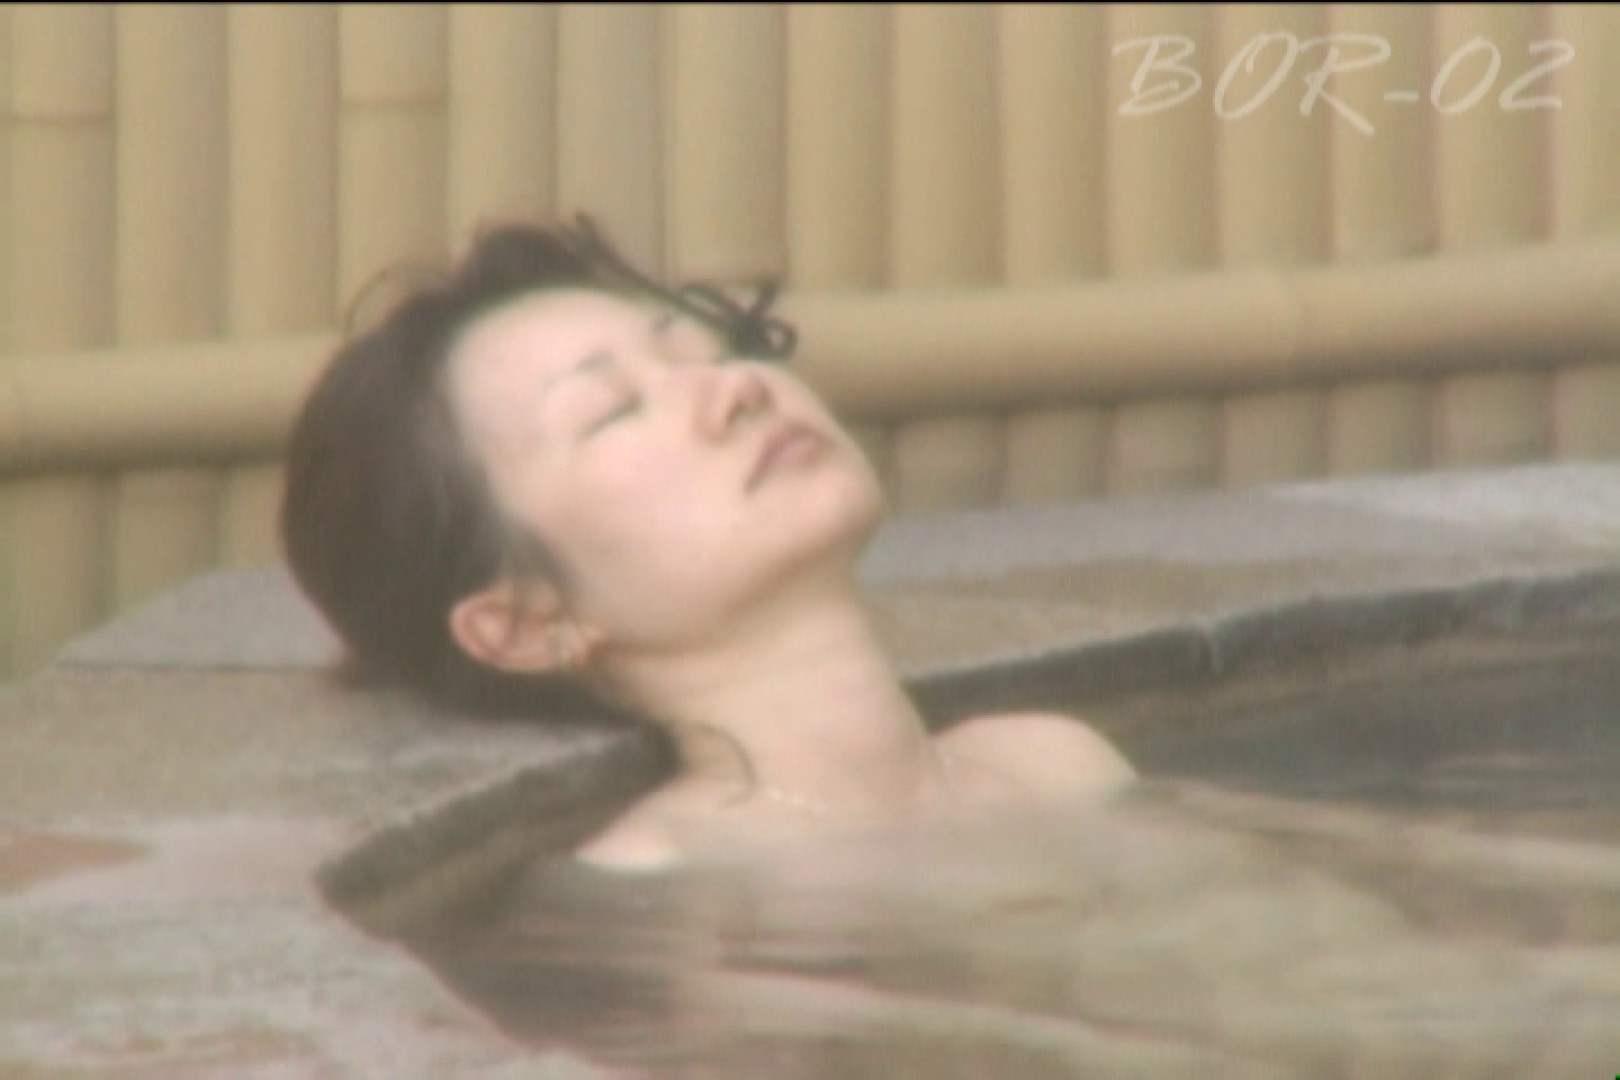 Aquaな露天風呂Vol.477 露天 | 盗撮  86画像 40